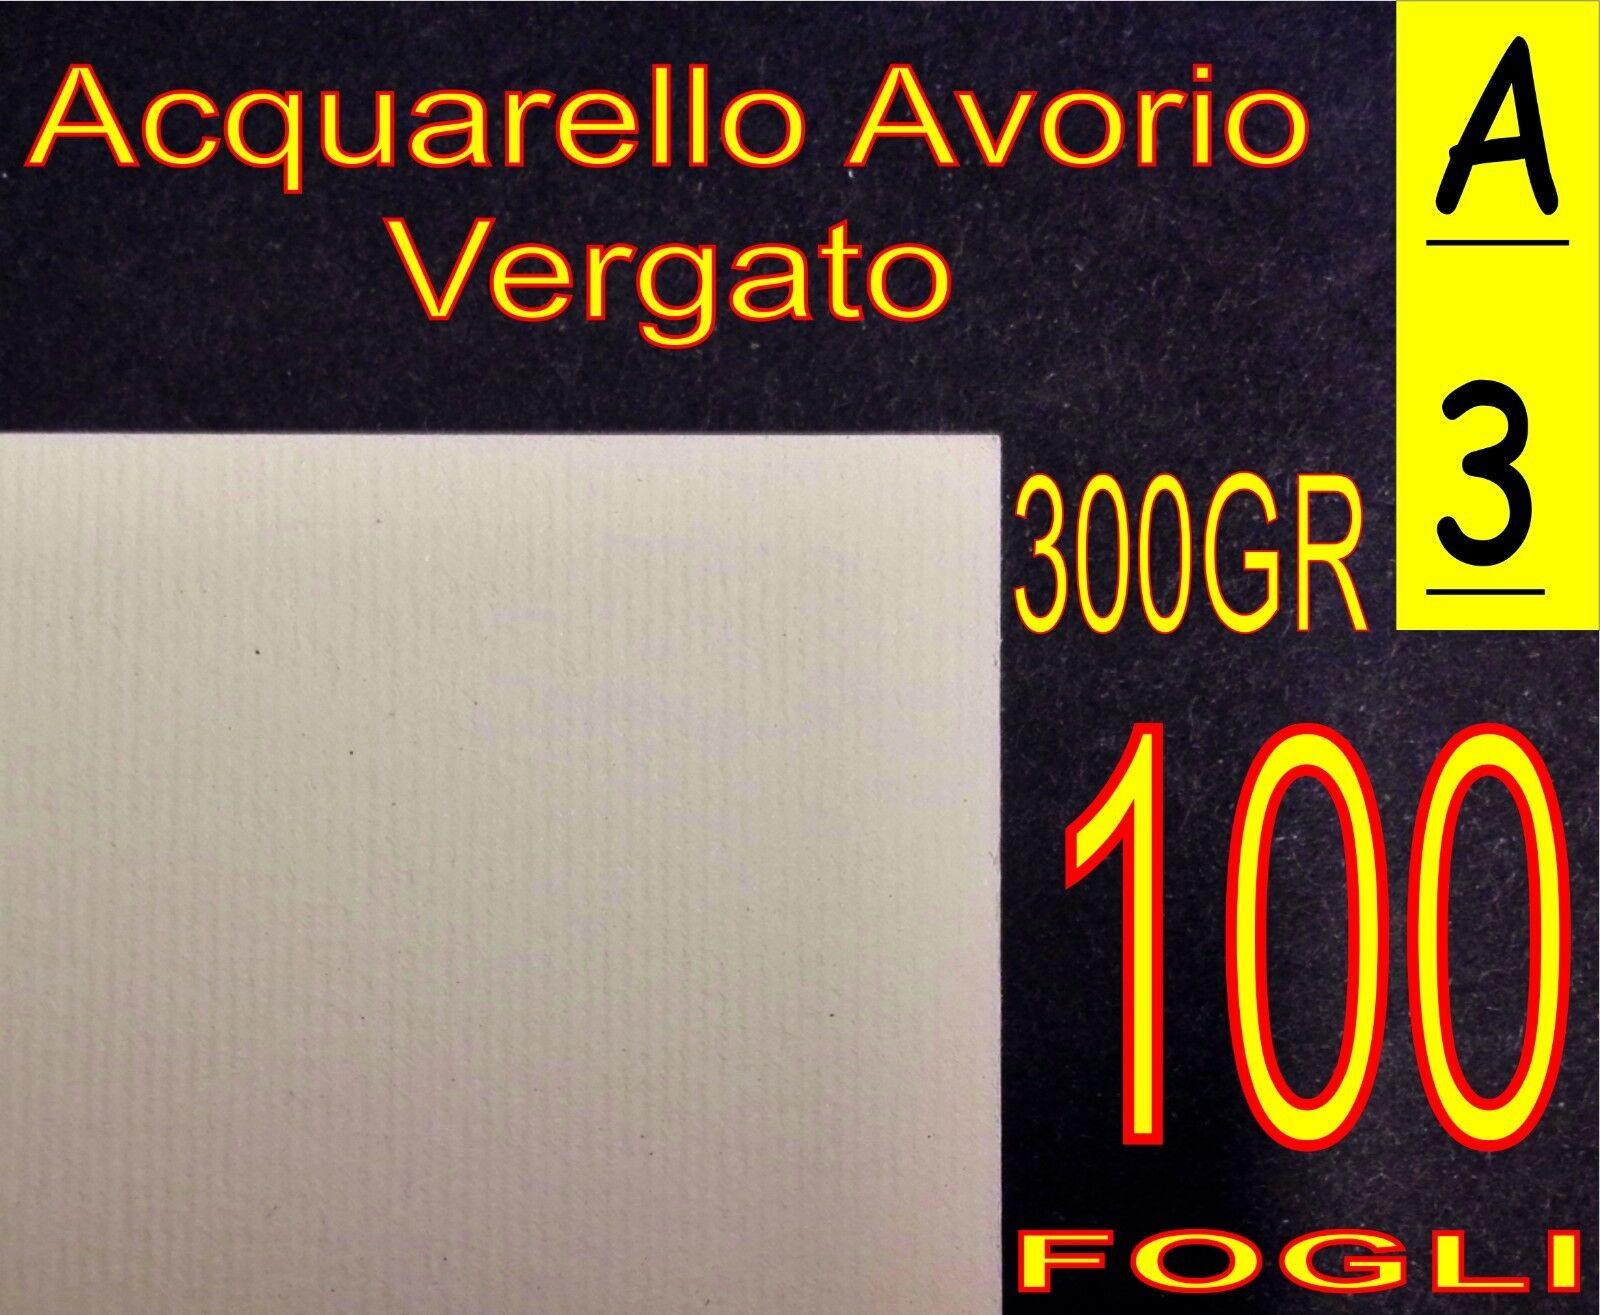 100 FOGLI DI CARTA ACQUARELLO AVORIO X STAMPANTI LASER INKJET A3 300GR